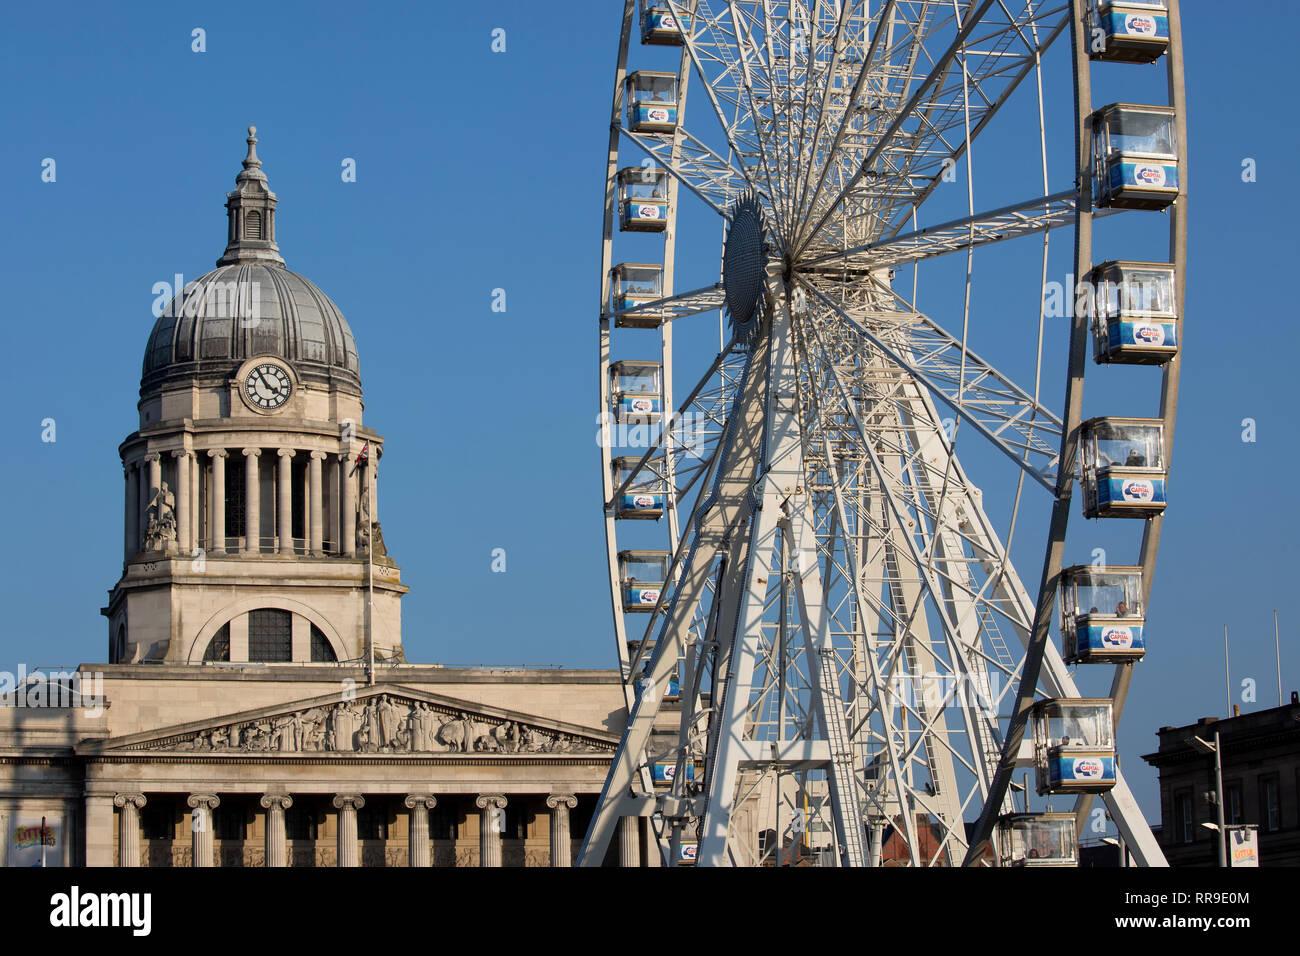 Nottingham Council House (city hall) Including Observation Wheel, Old Market Square, Nottingham, Nottinghamshire, England, UK, England UK Stock Photo